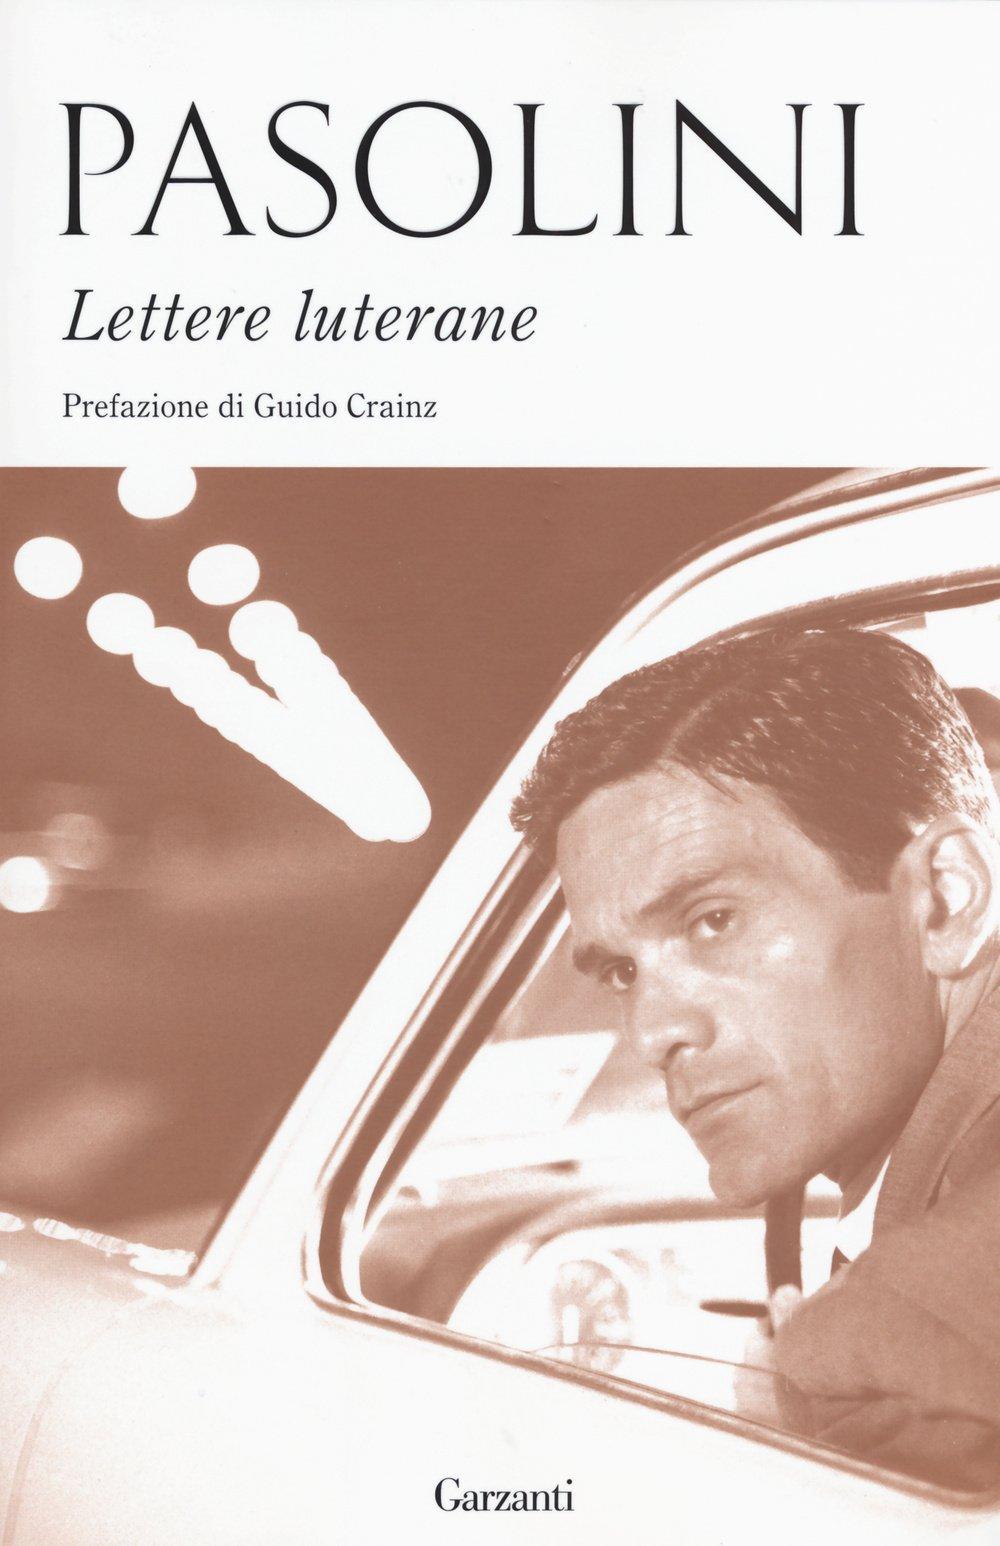 Risultati immagini per pasolini lettere luterane